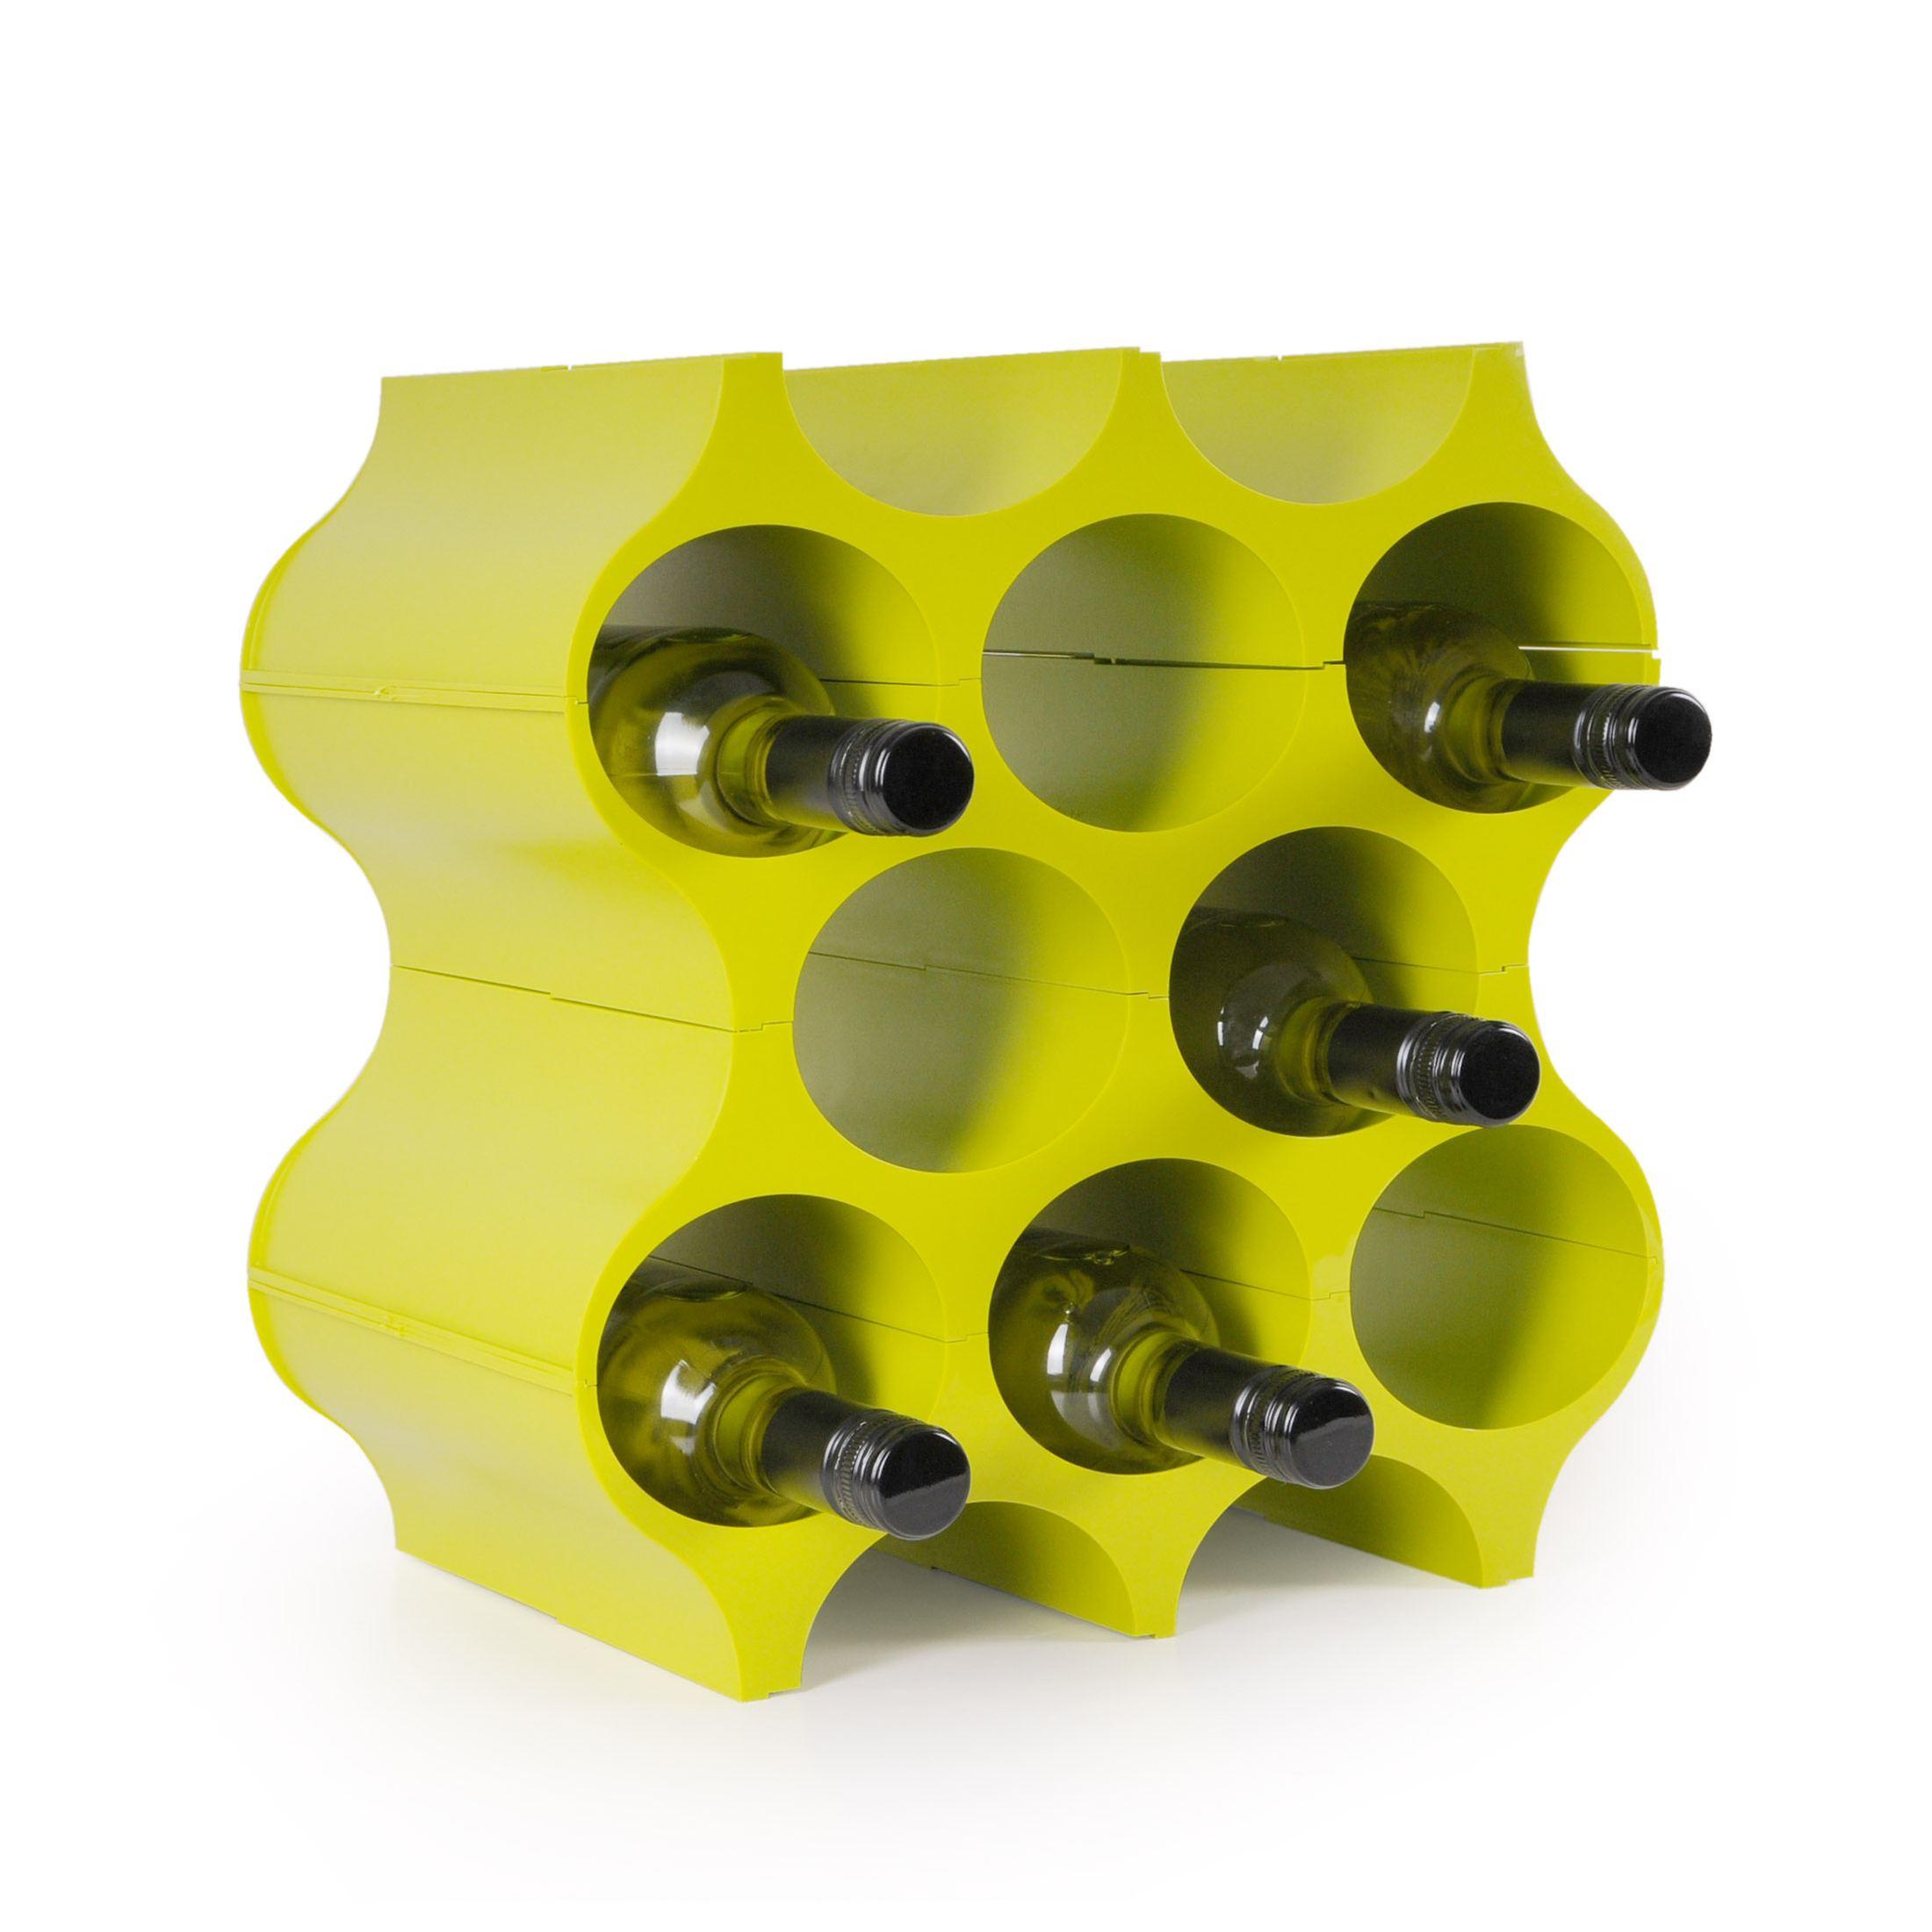 weinregal flaschenregal system set up f r 8 flaschen kunststoff stapelbar. Black Bedroom Furniture Sets. Home Design Ideas